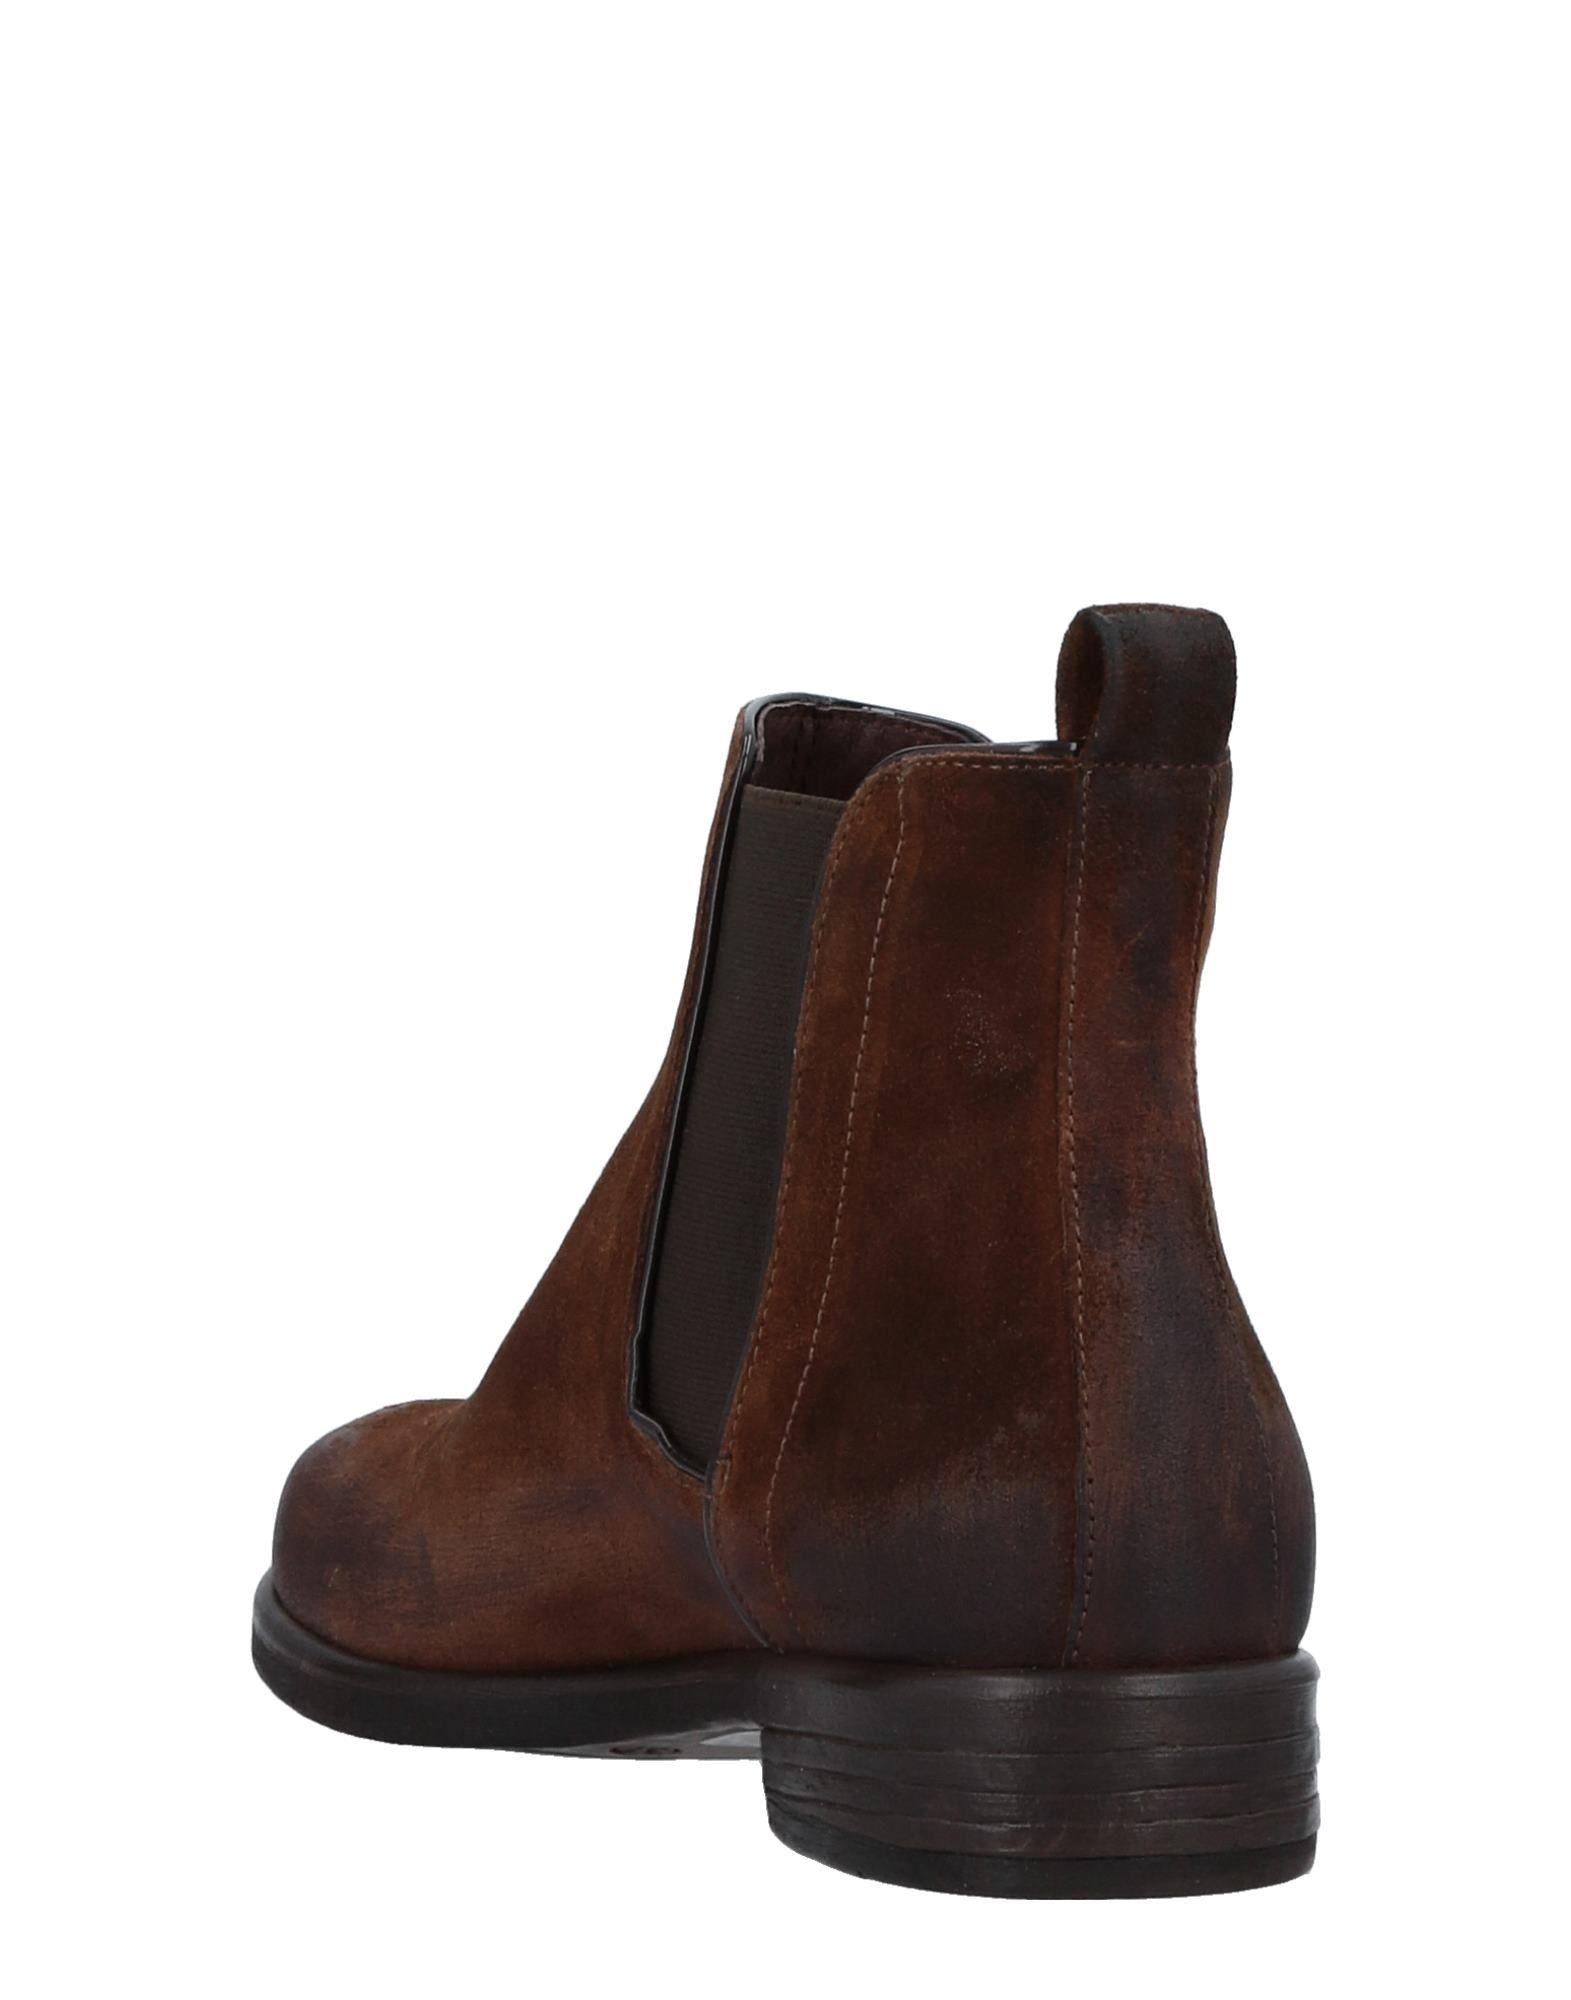 Manas Chelsea Boots Damen  11512718WF beliebte Gute Qualität beliebte 11512718WF Schuhe 2fe3a4